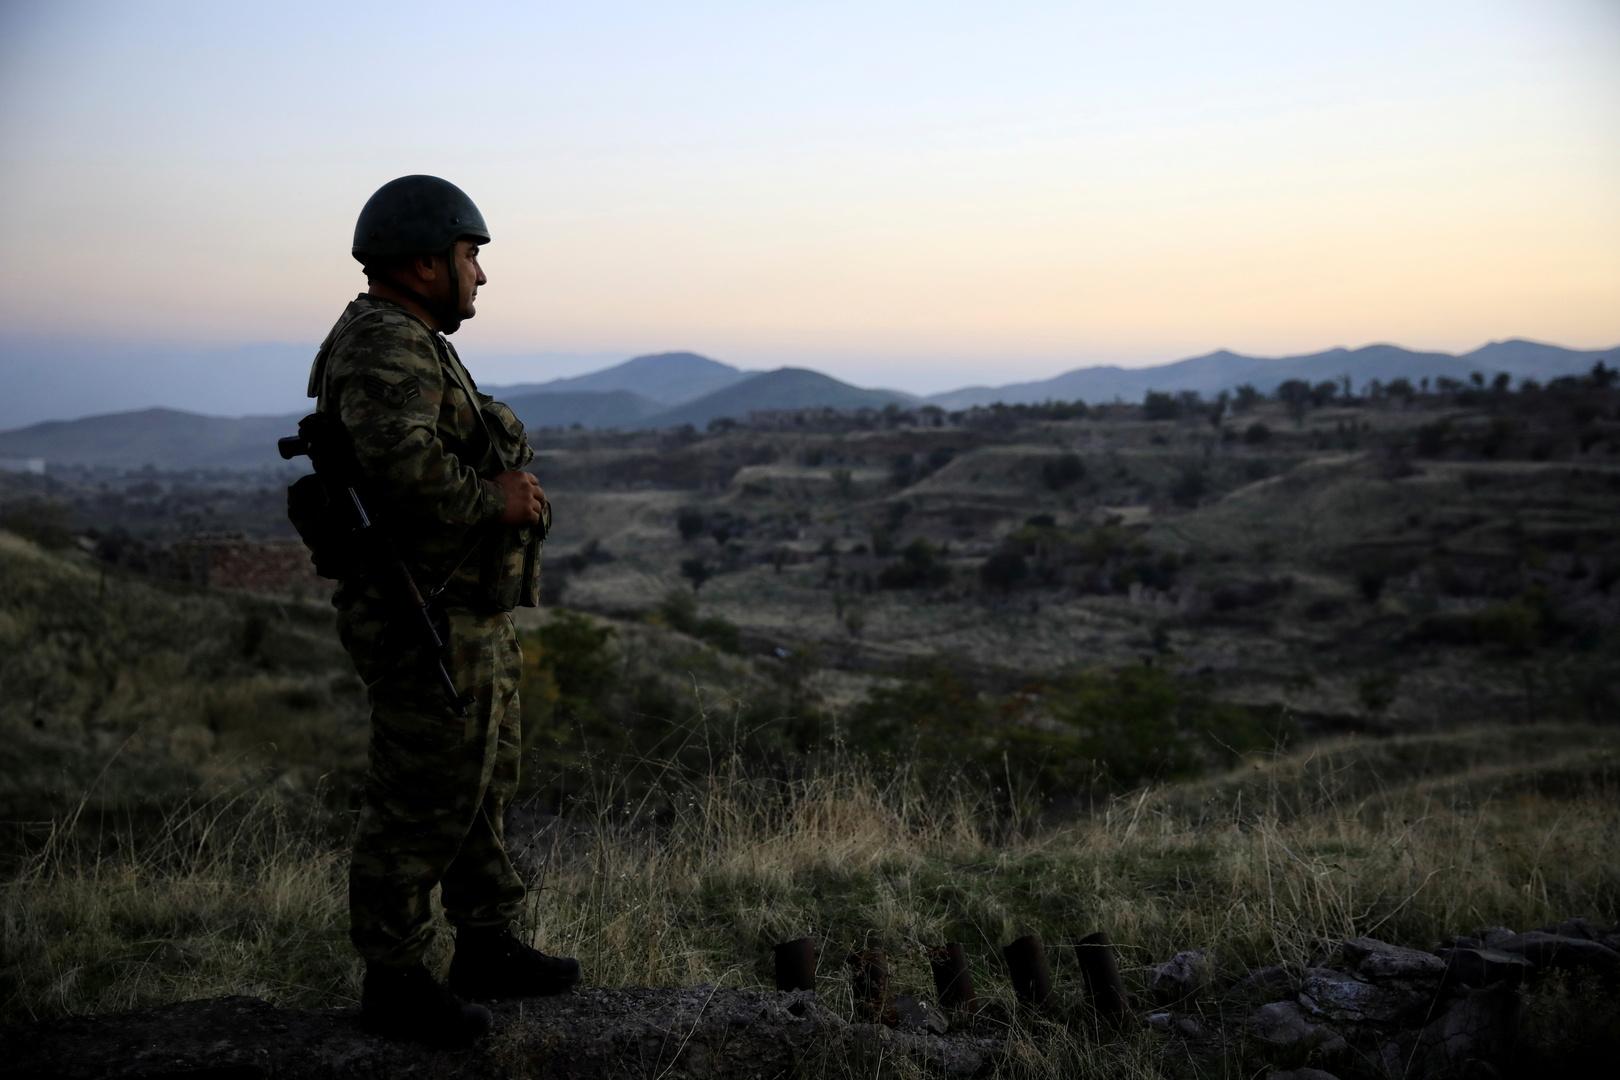 أرمينيا وأذربيجان تتبادلان الاتهامات بانتهاك الاتفاق الجديد لوقف إطلاق النار